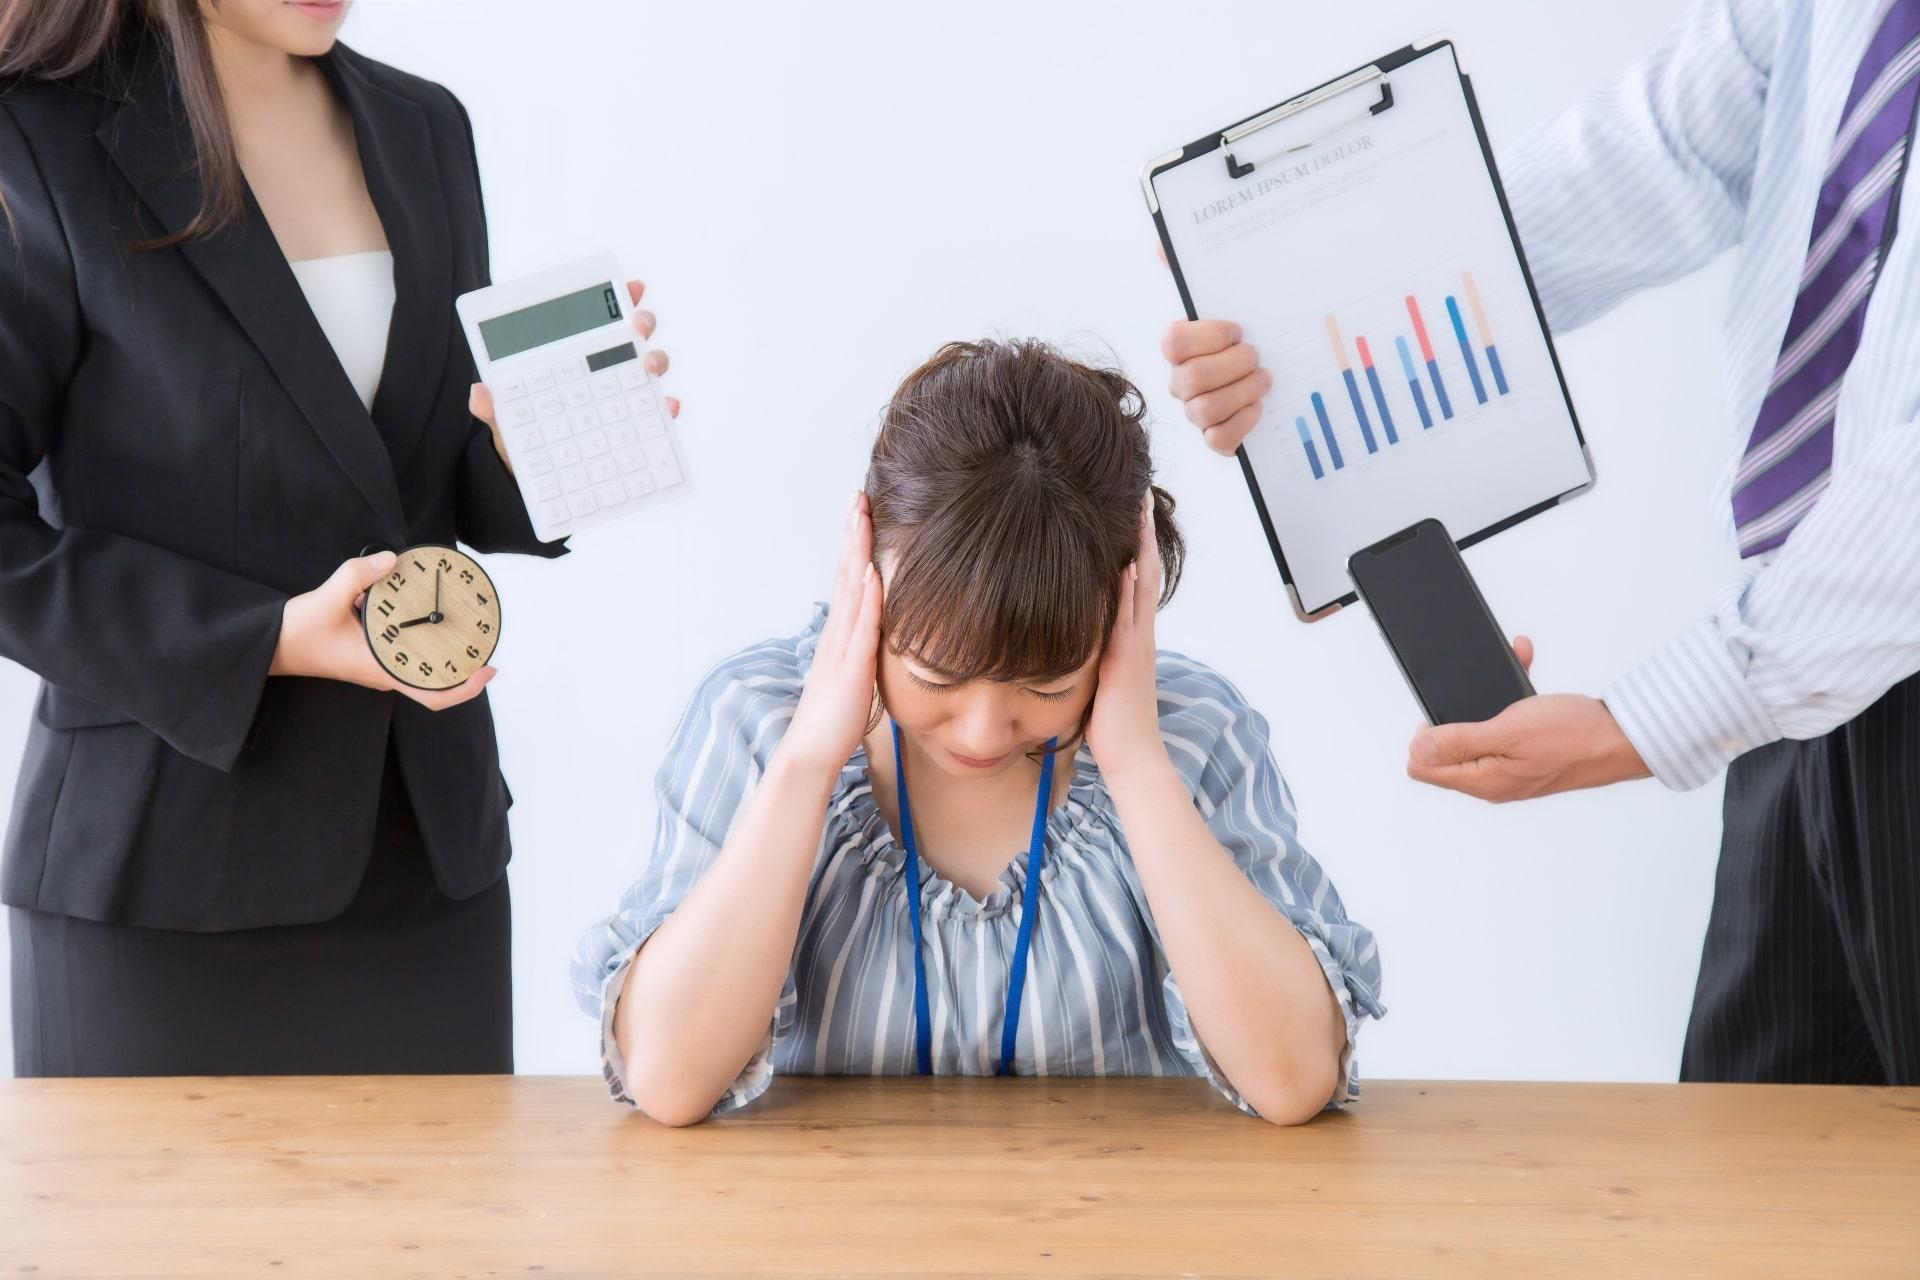 仕事、ストレス、頭を抱える女性